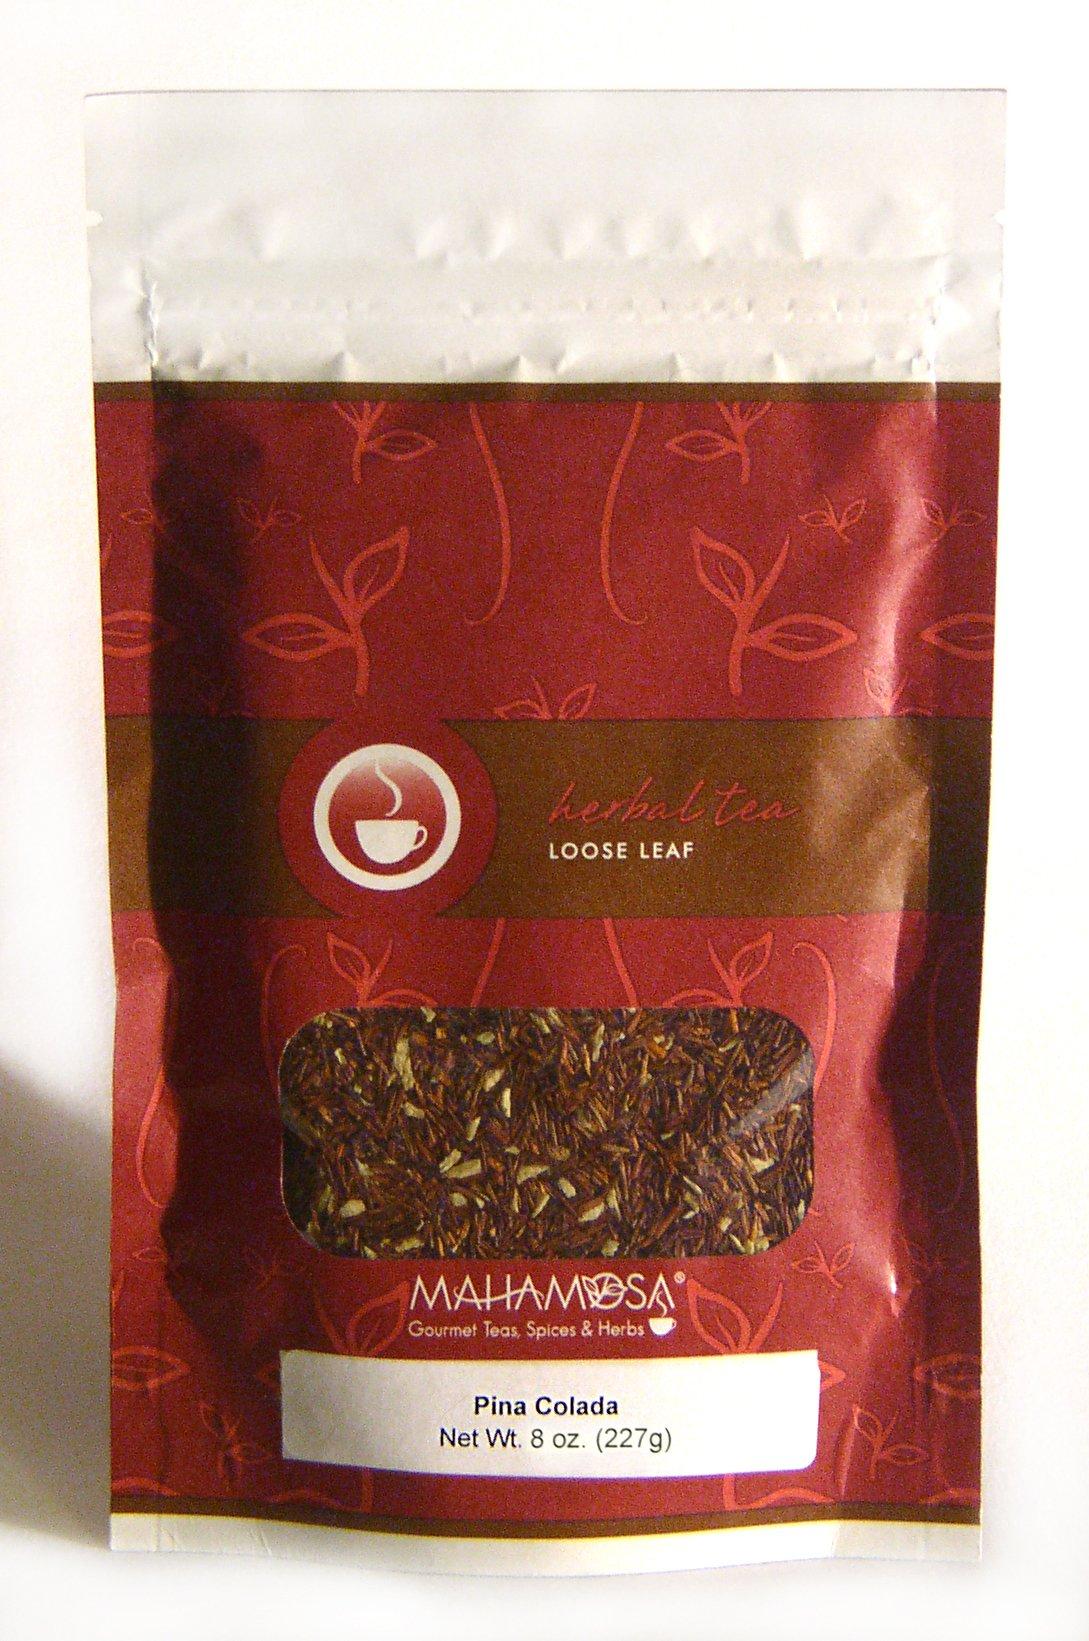 Mahamosa Loose Leaf (Looseleaf) Rooibos Herbal Tea Blend - Pina Colada 8 oz, (pineapple, coconut)